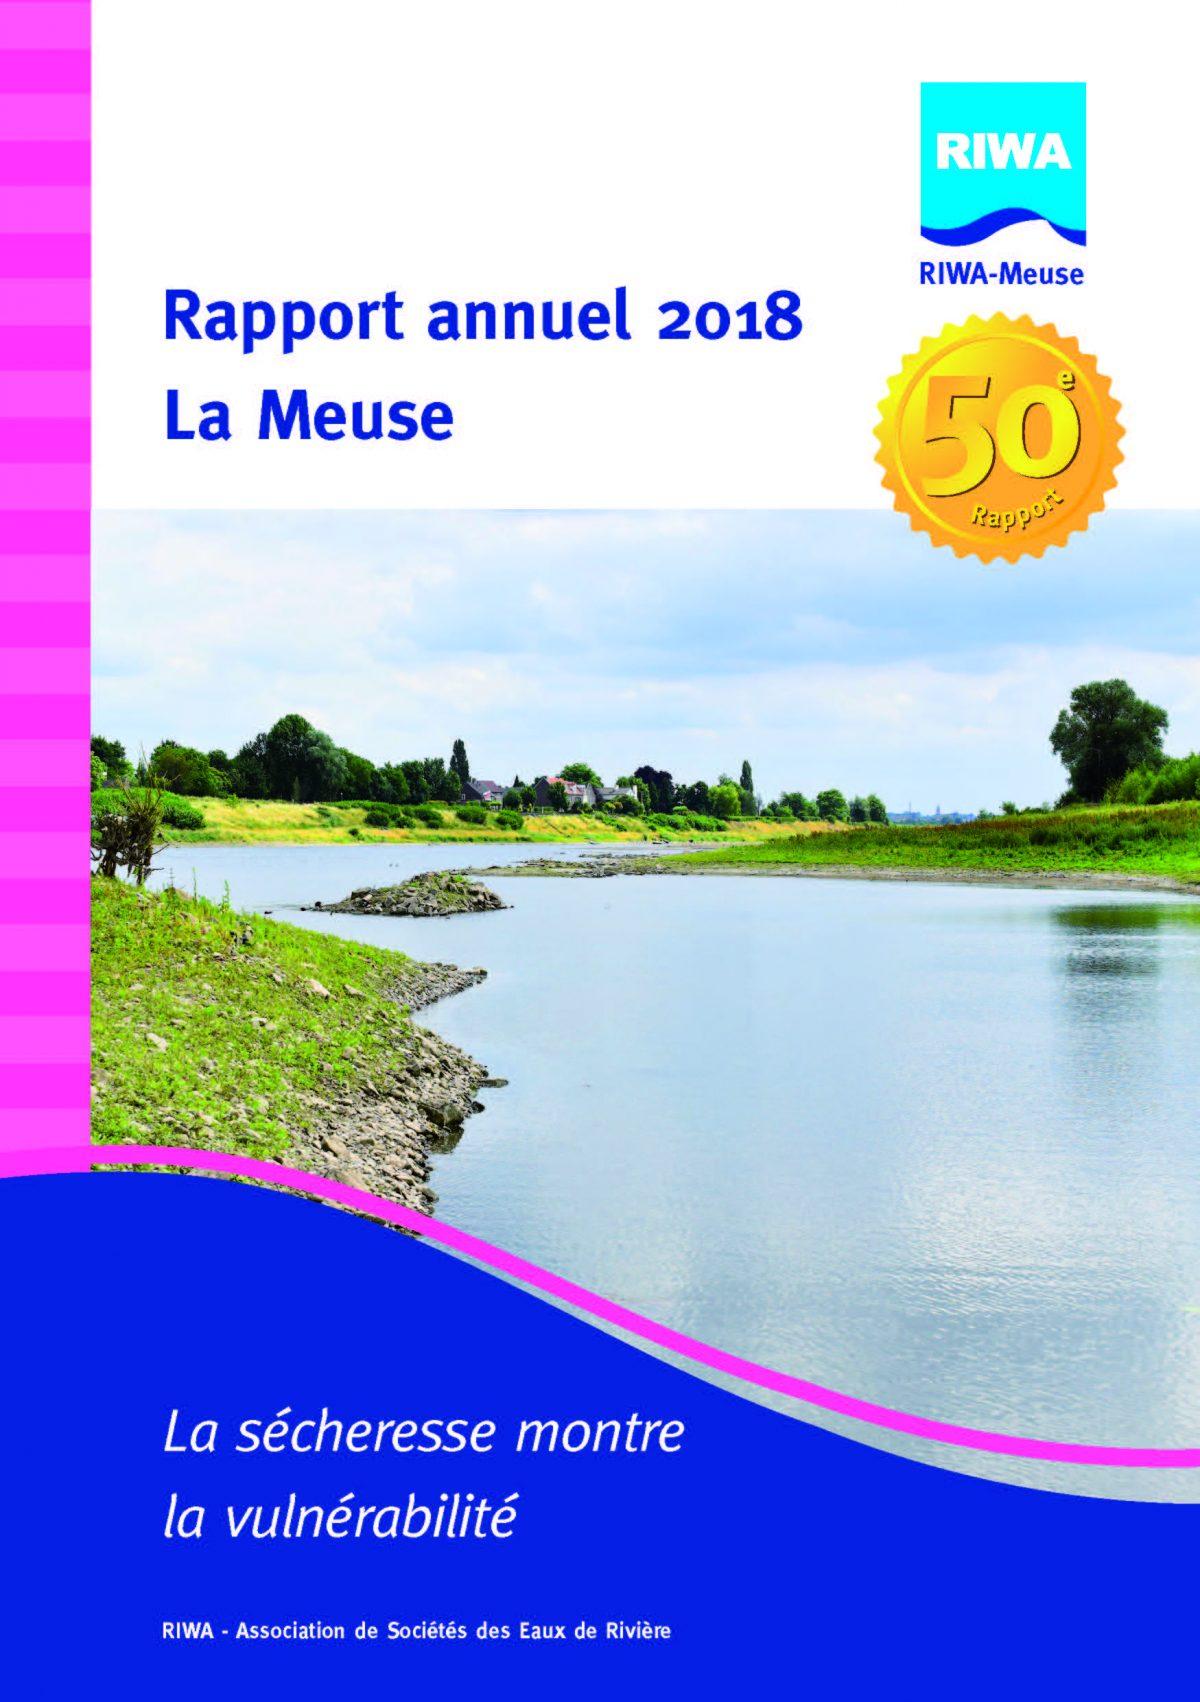 RIWA Rapport Annuel 2018 La Meuse